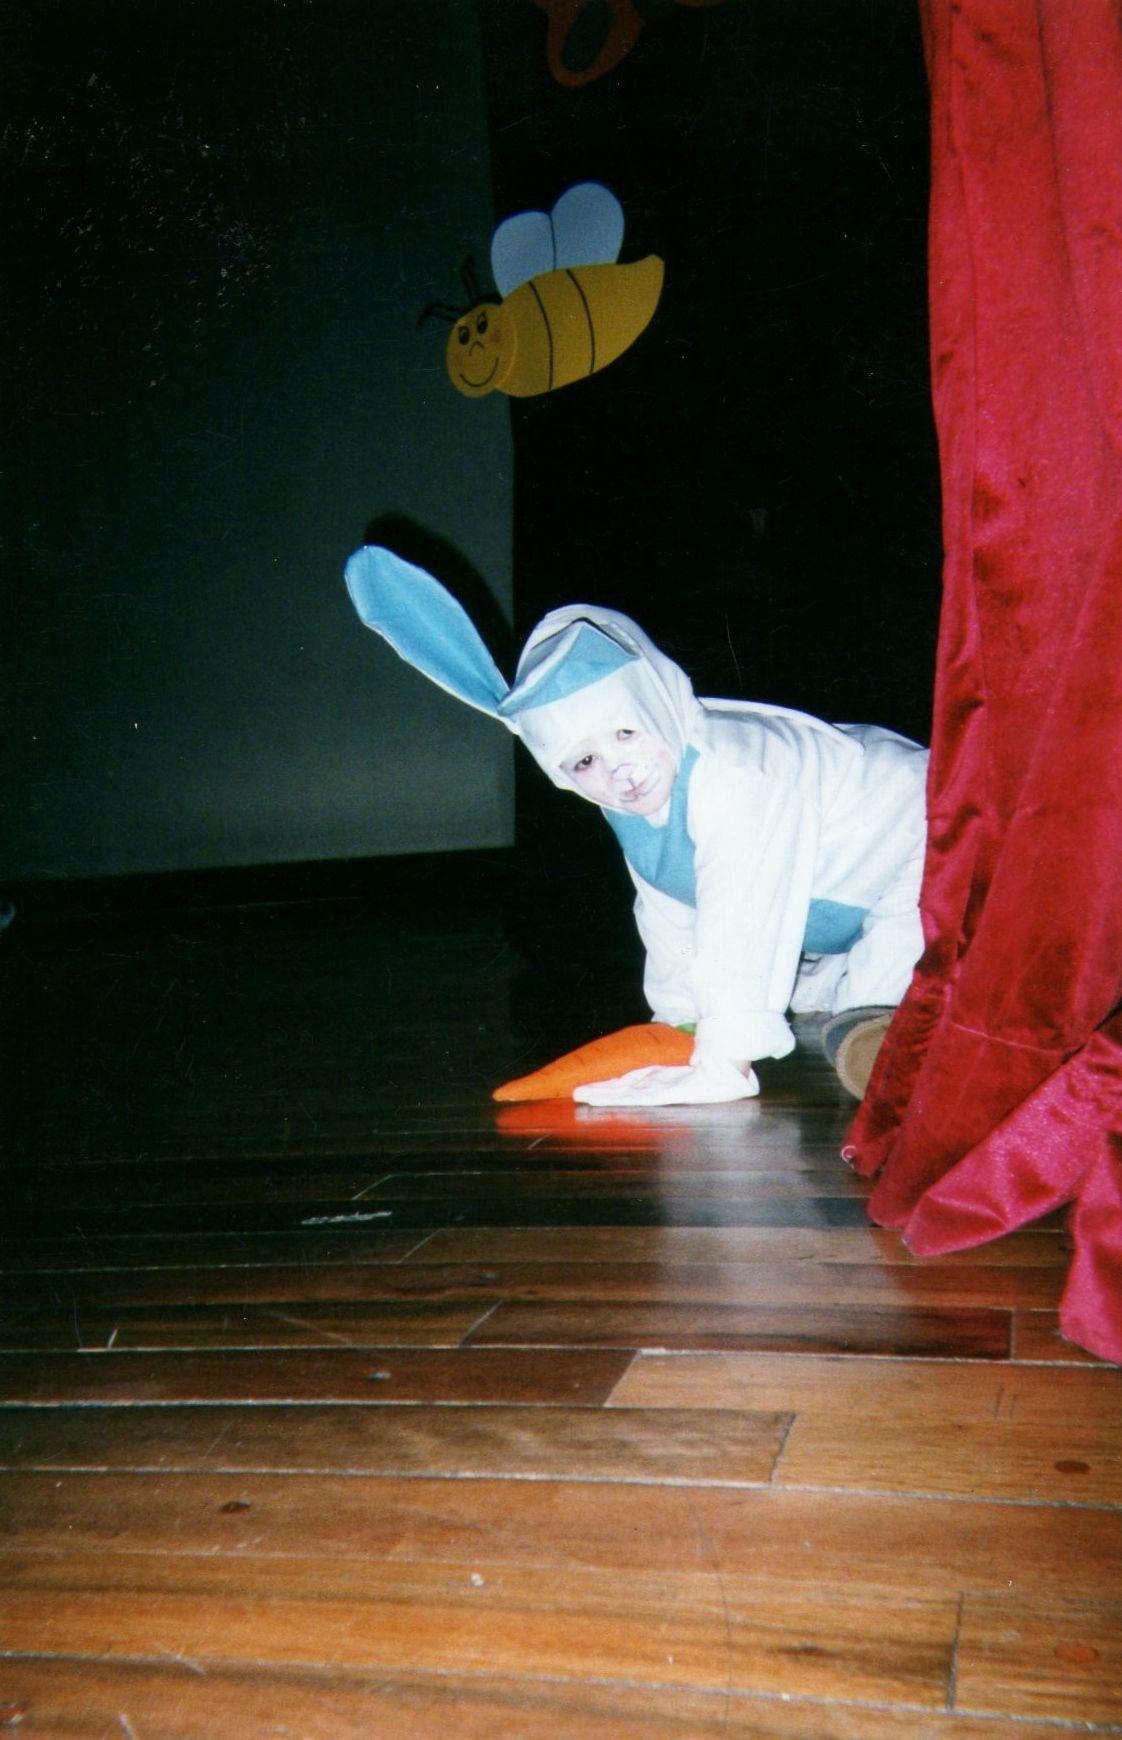 La obra de teatro del pre escolar puede seguir sin el conejo que decide mejor escapar por debajo del telón que tal....